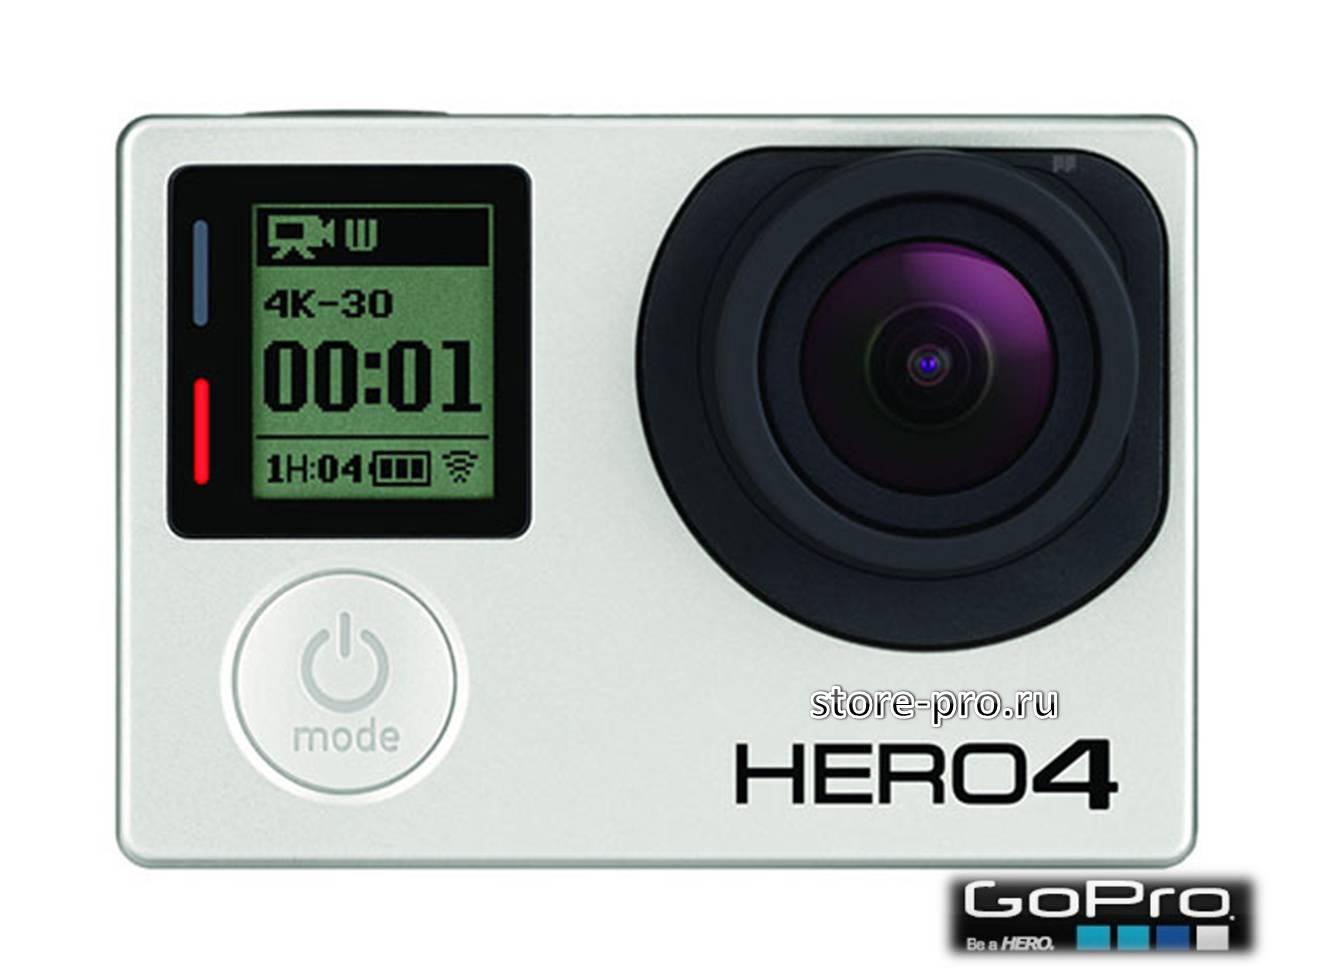 GoPro HERO4 Black Edition будет снимать видео с разрешением 4K Ultra HD и частотой 30 кадров в секунду, а так же иметь встроенный сенсорный LCD дисплей для управления и просмотра отснятого материала!